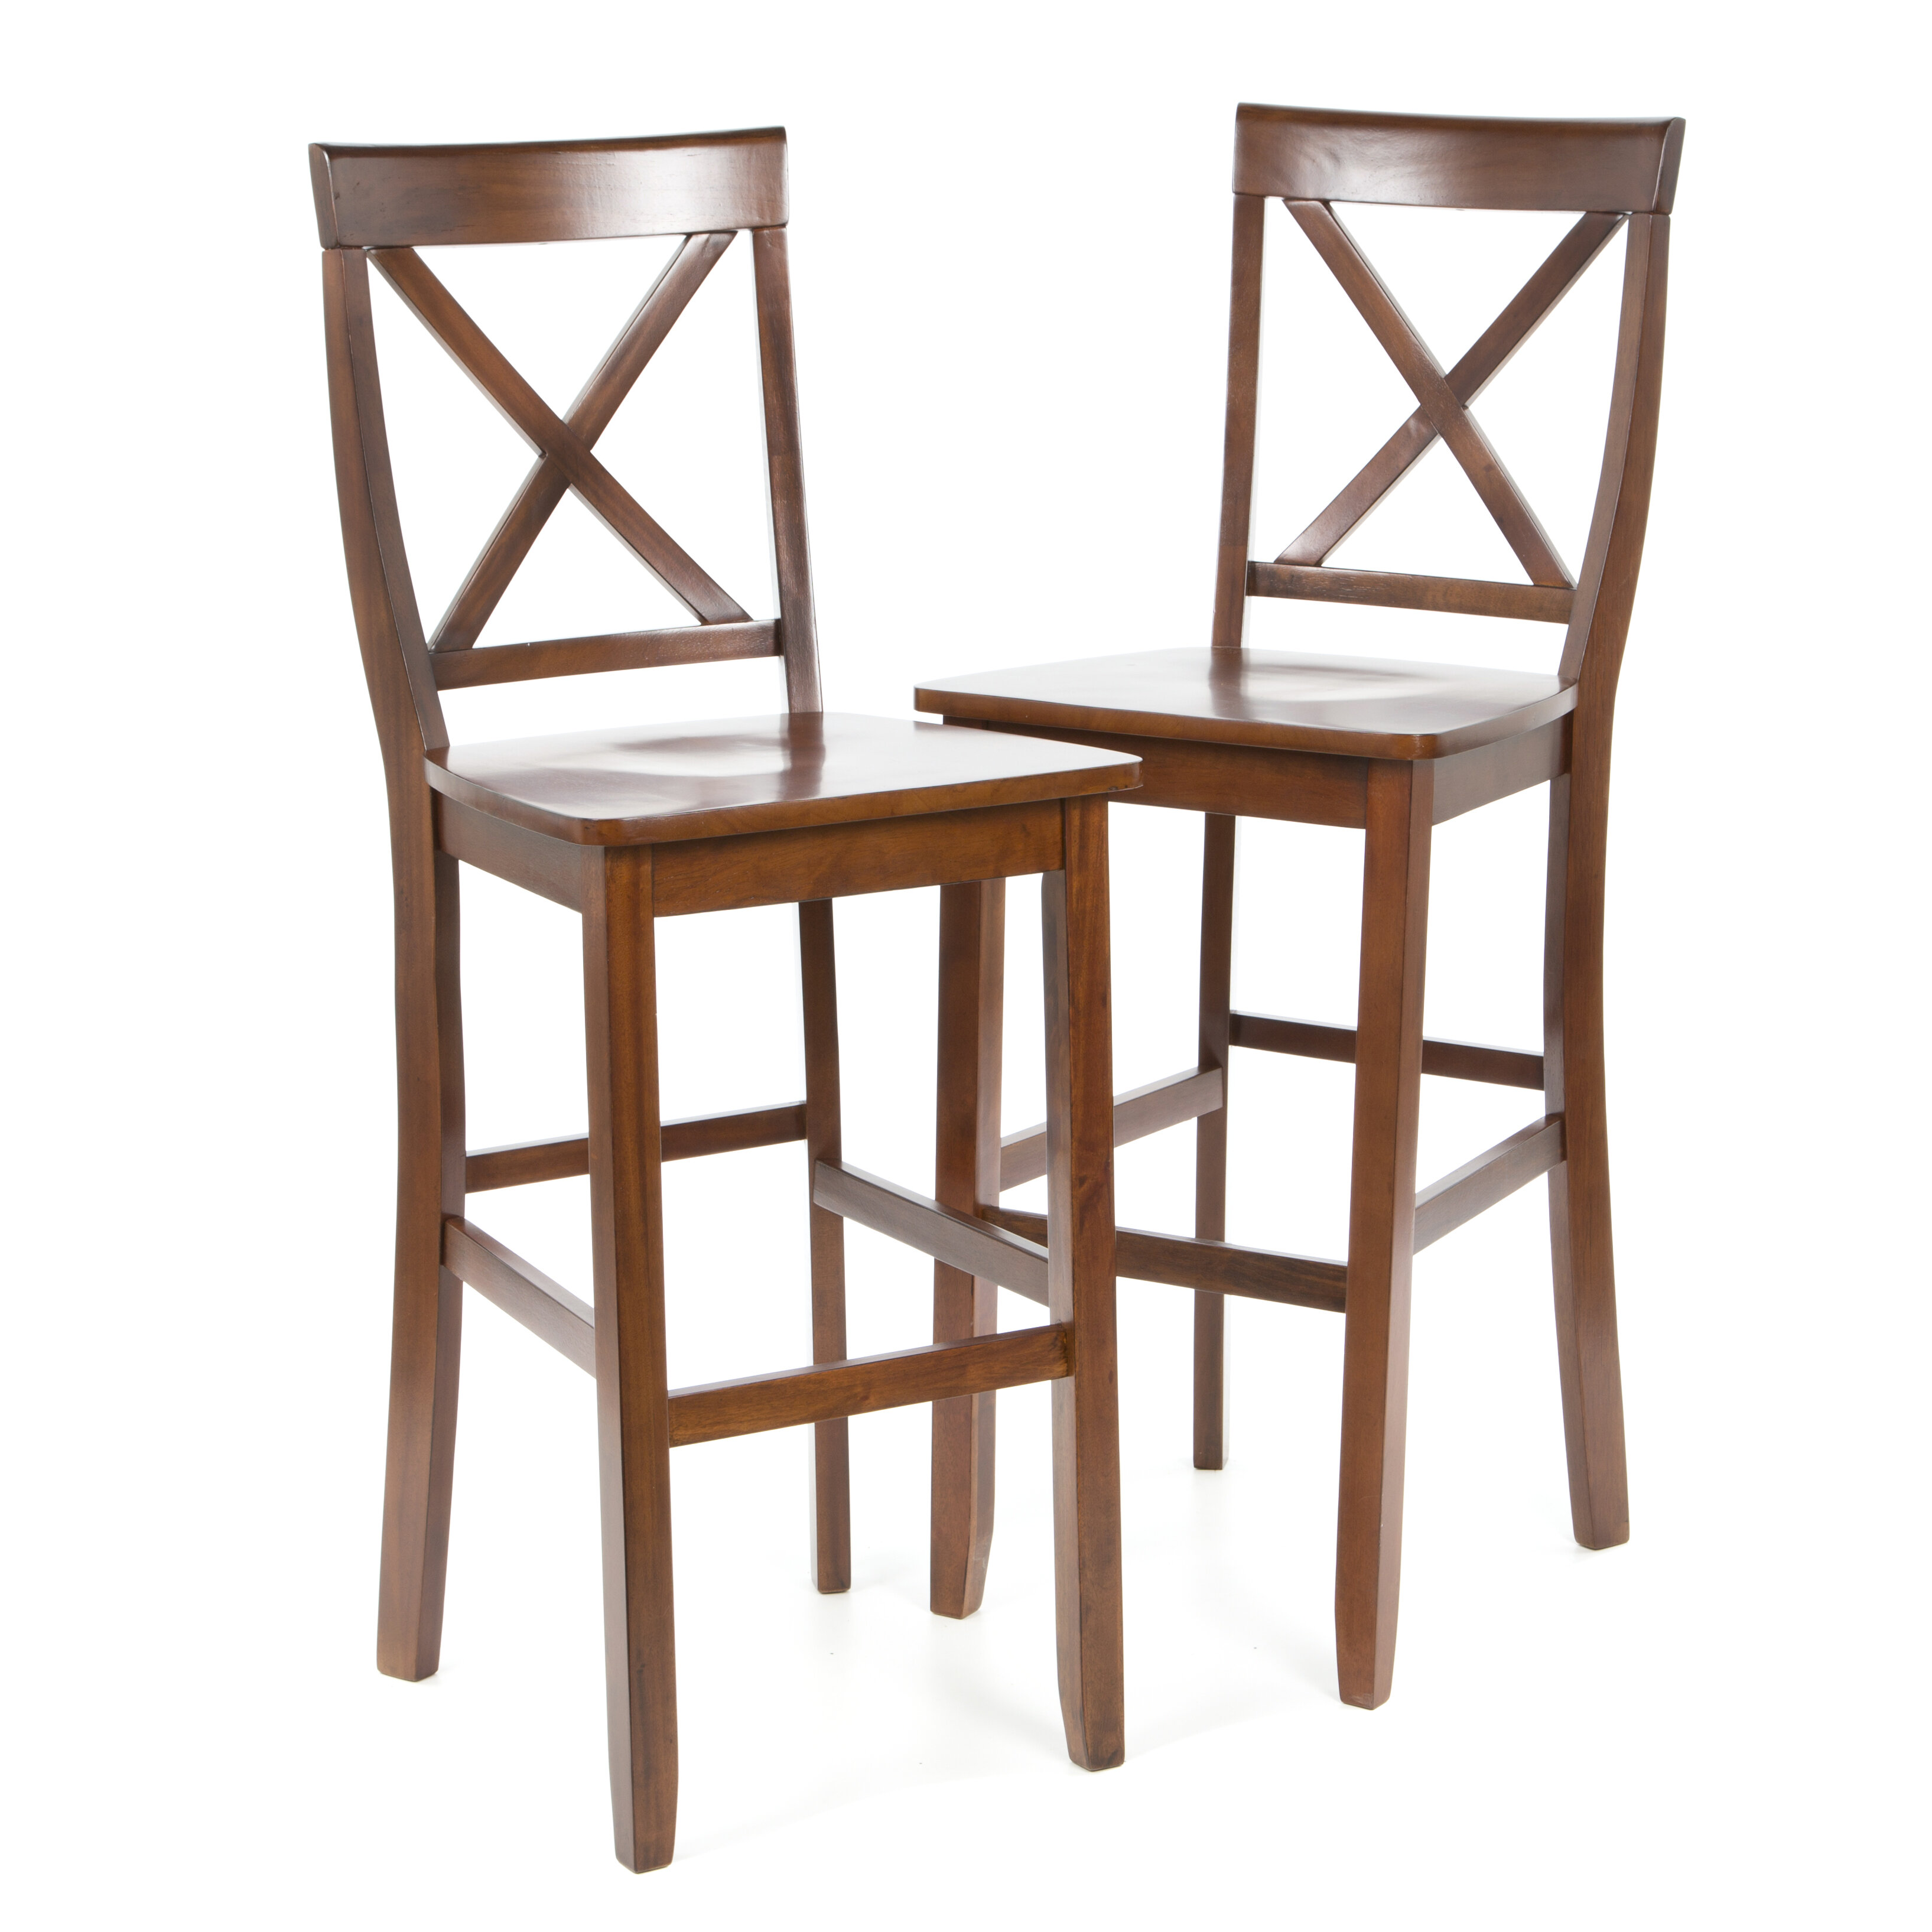 Beachcrest home neihart 30 bar stools reviews wayfair